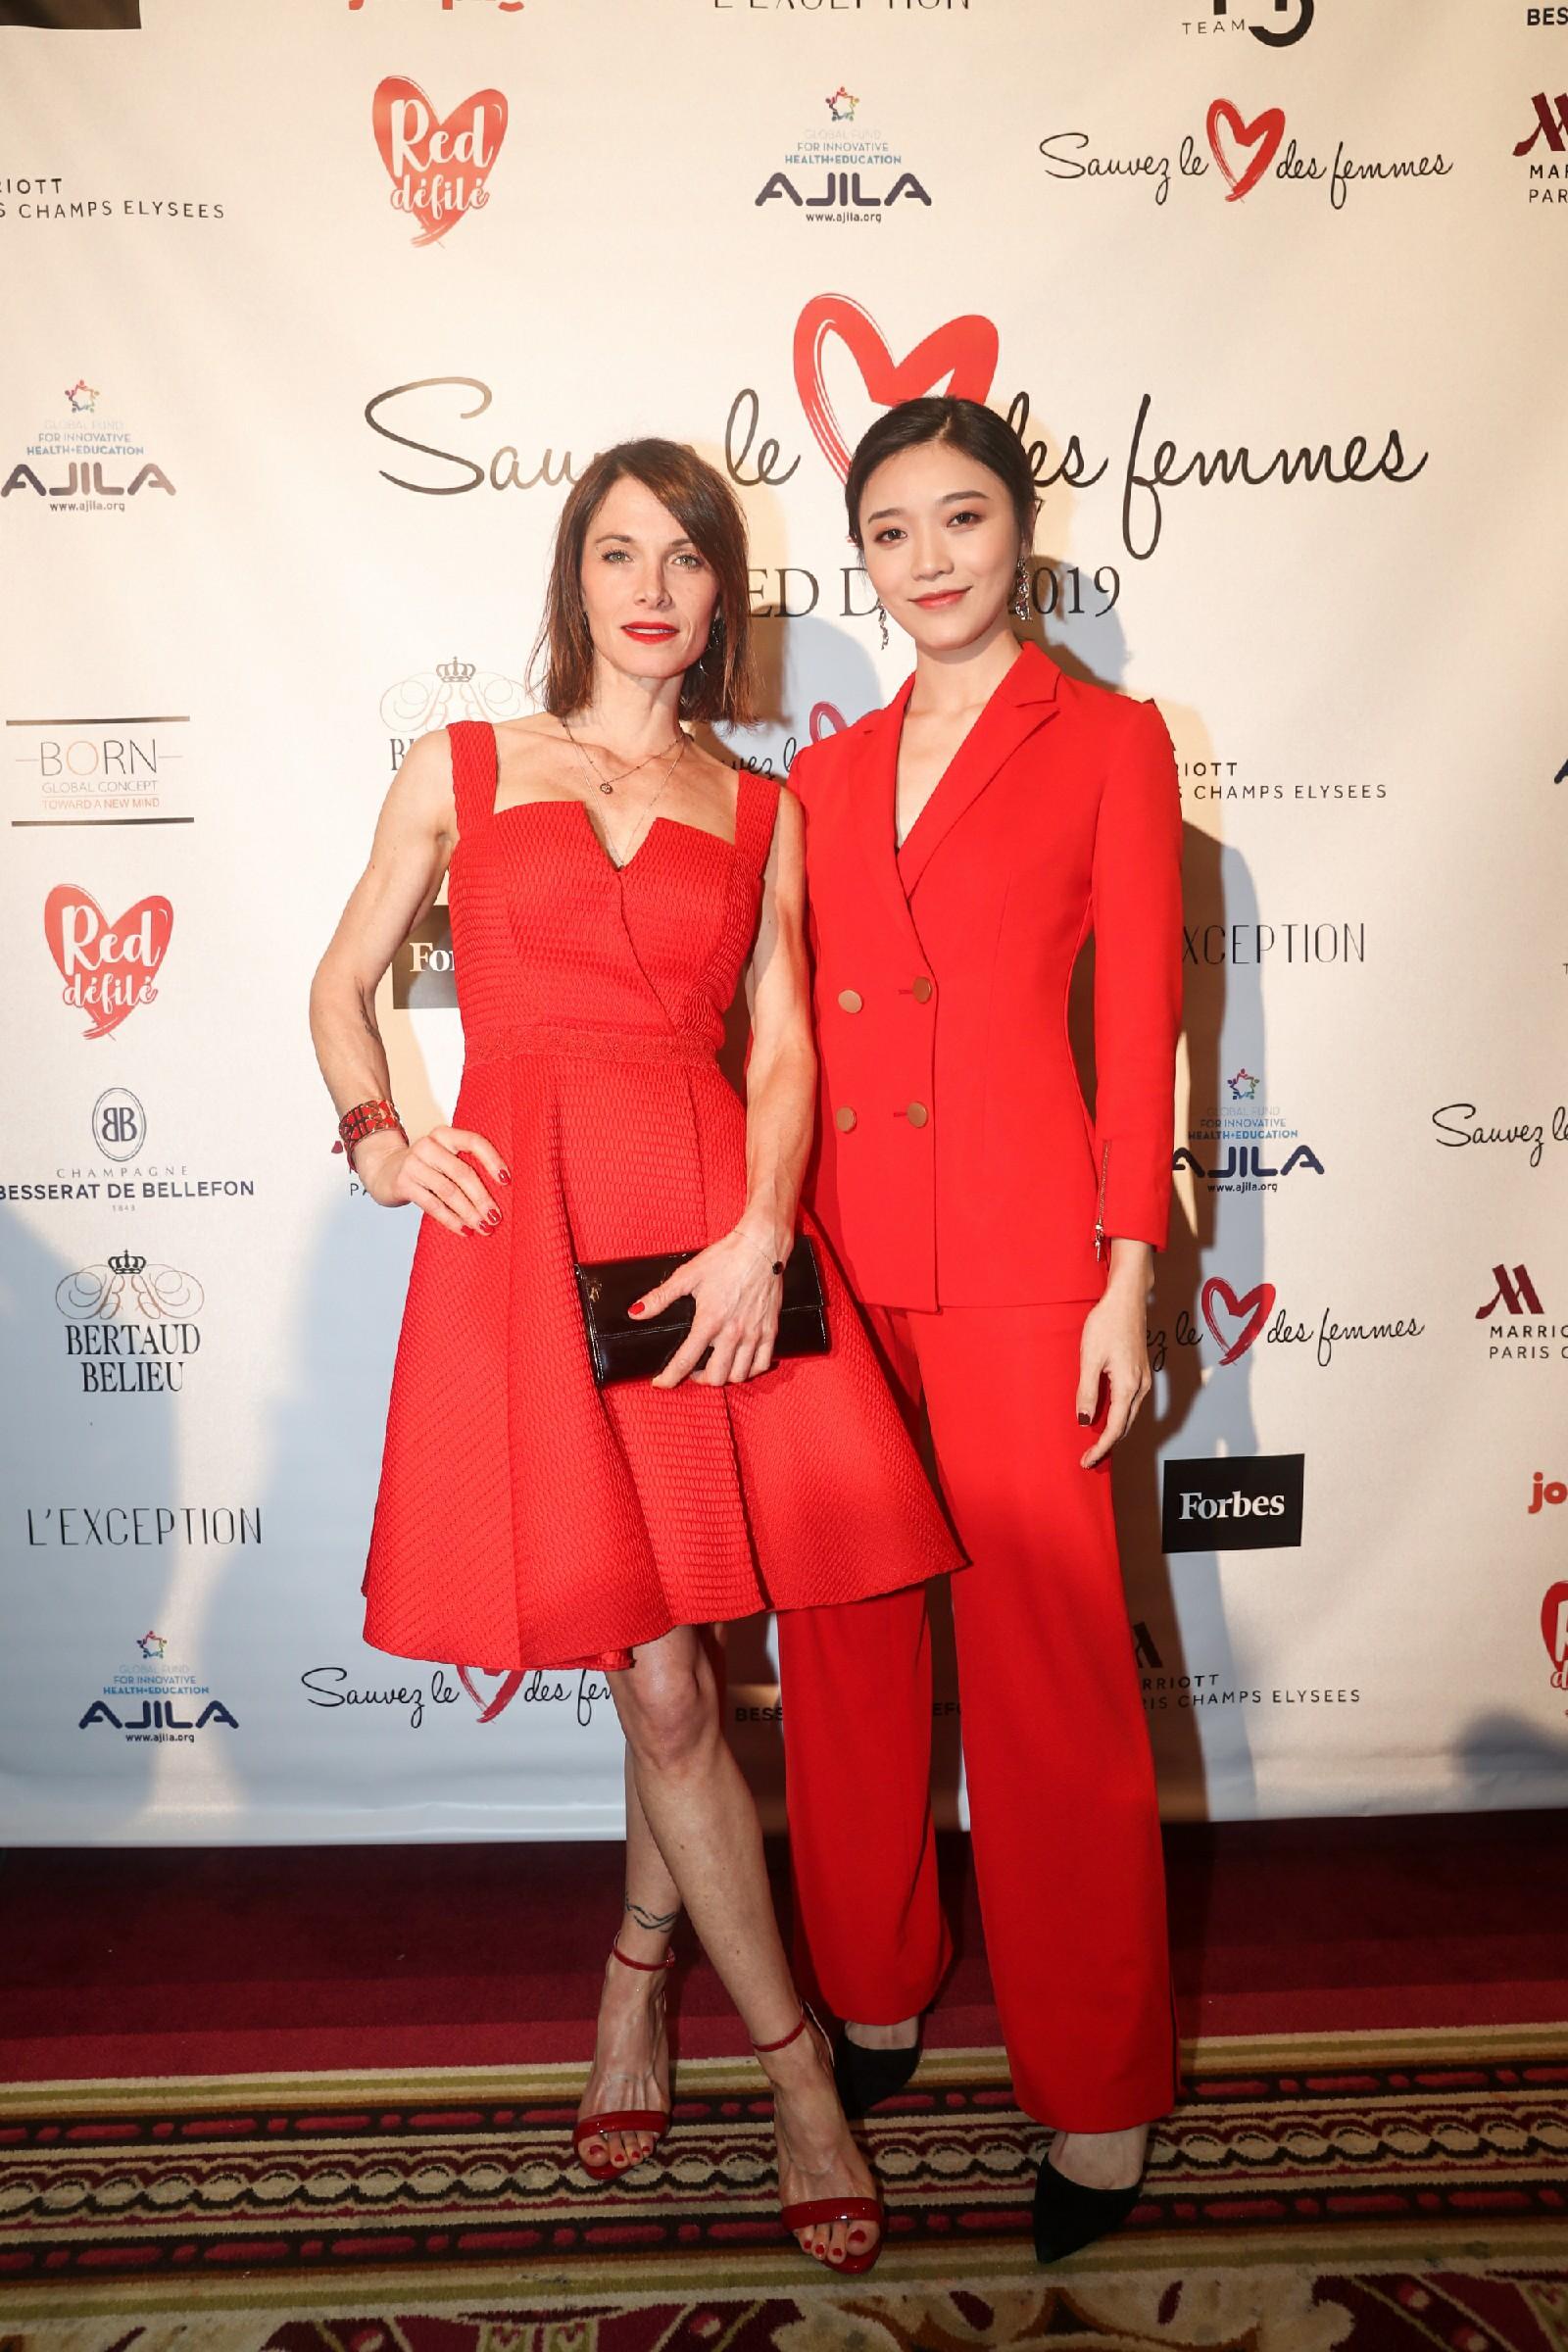 时尚盛事reddéfilé首迎亚洲面孔这个红衣女孩她是谁